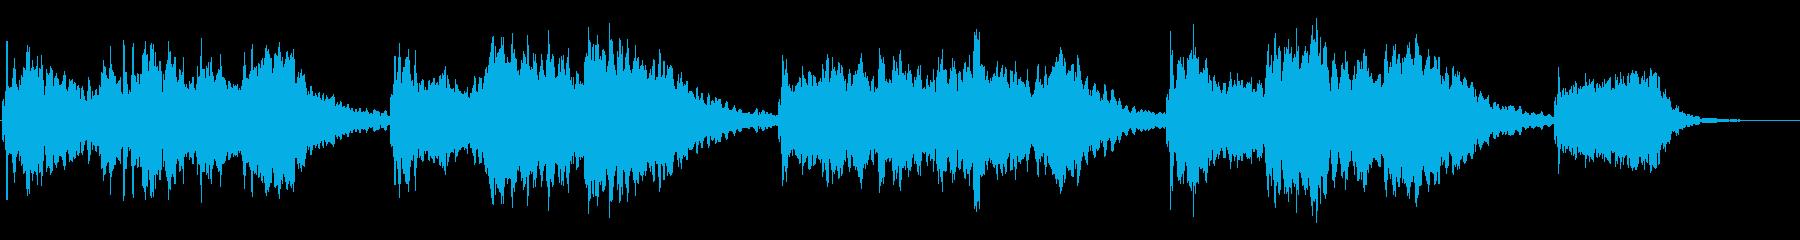 サスペンス系サウンド 恐怖 不安 緊張感の再生済みの波形